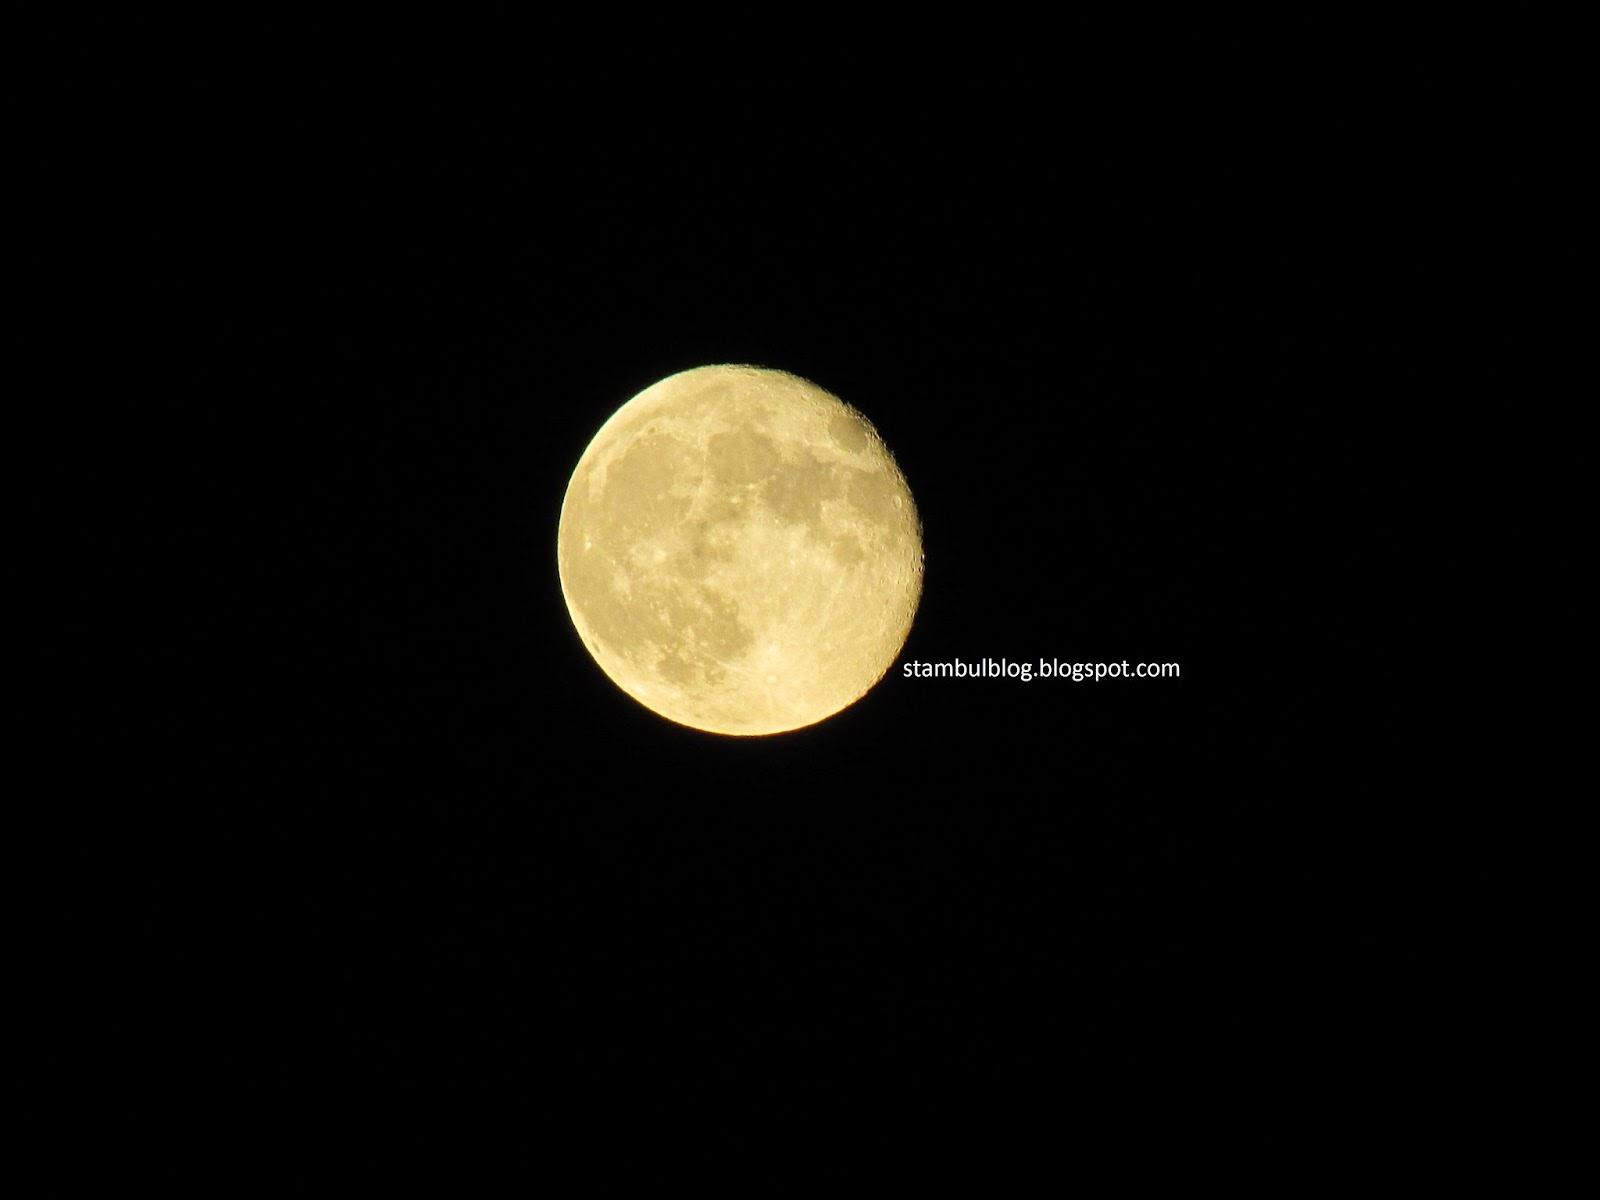 Фото полной луны